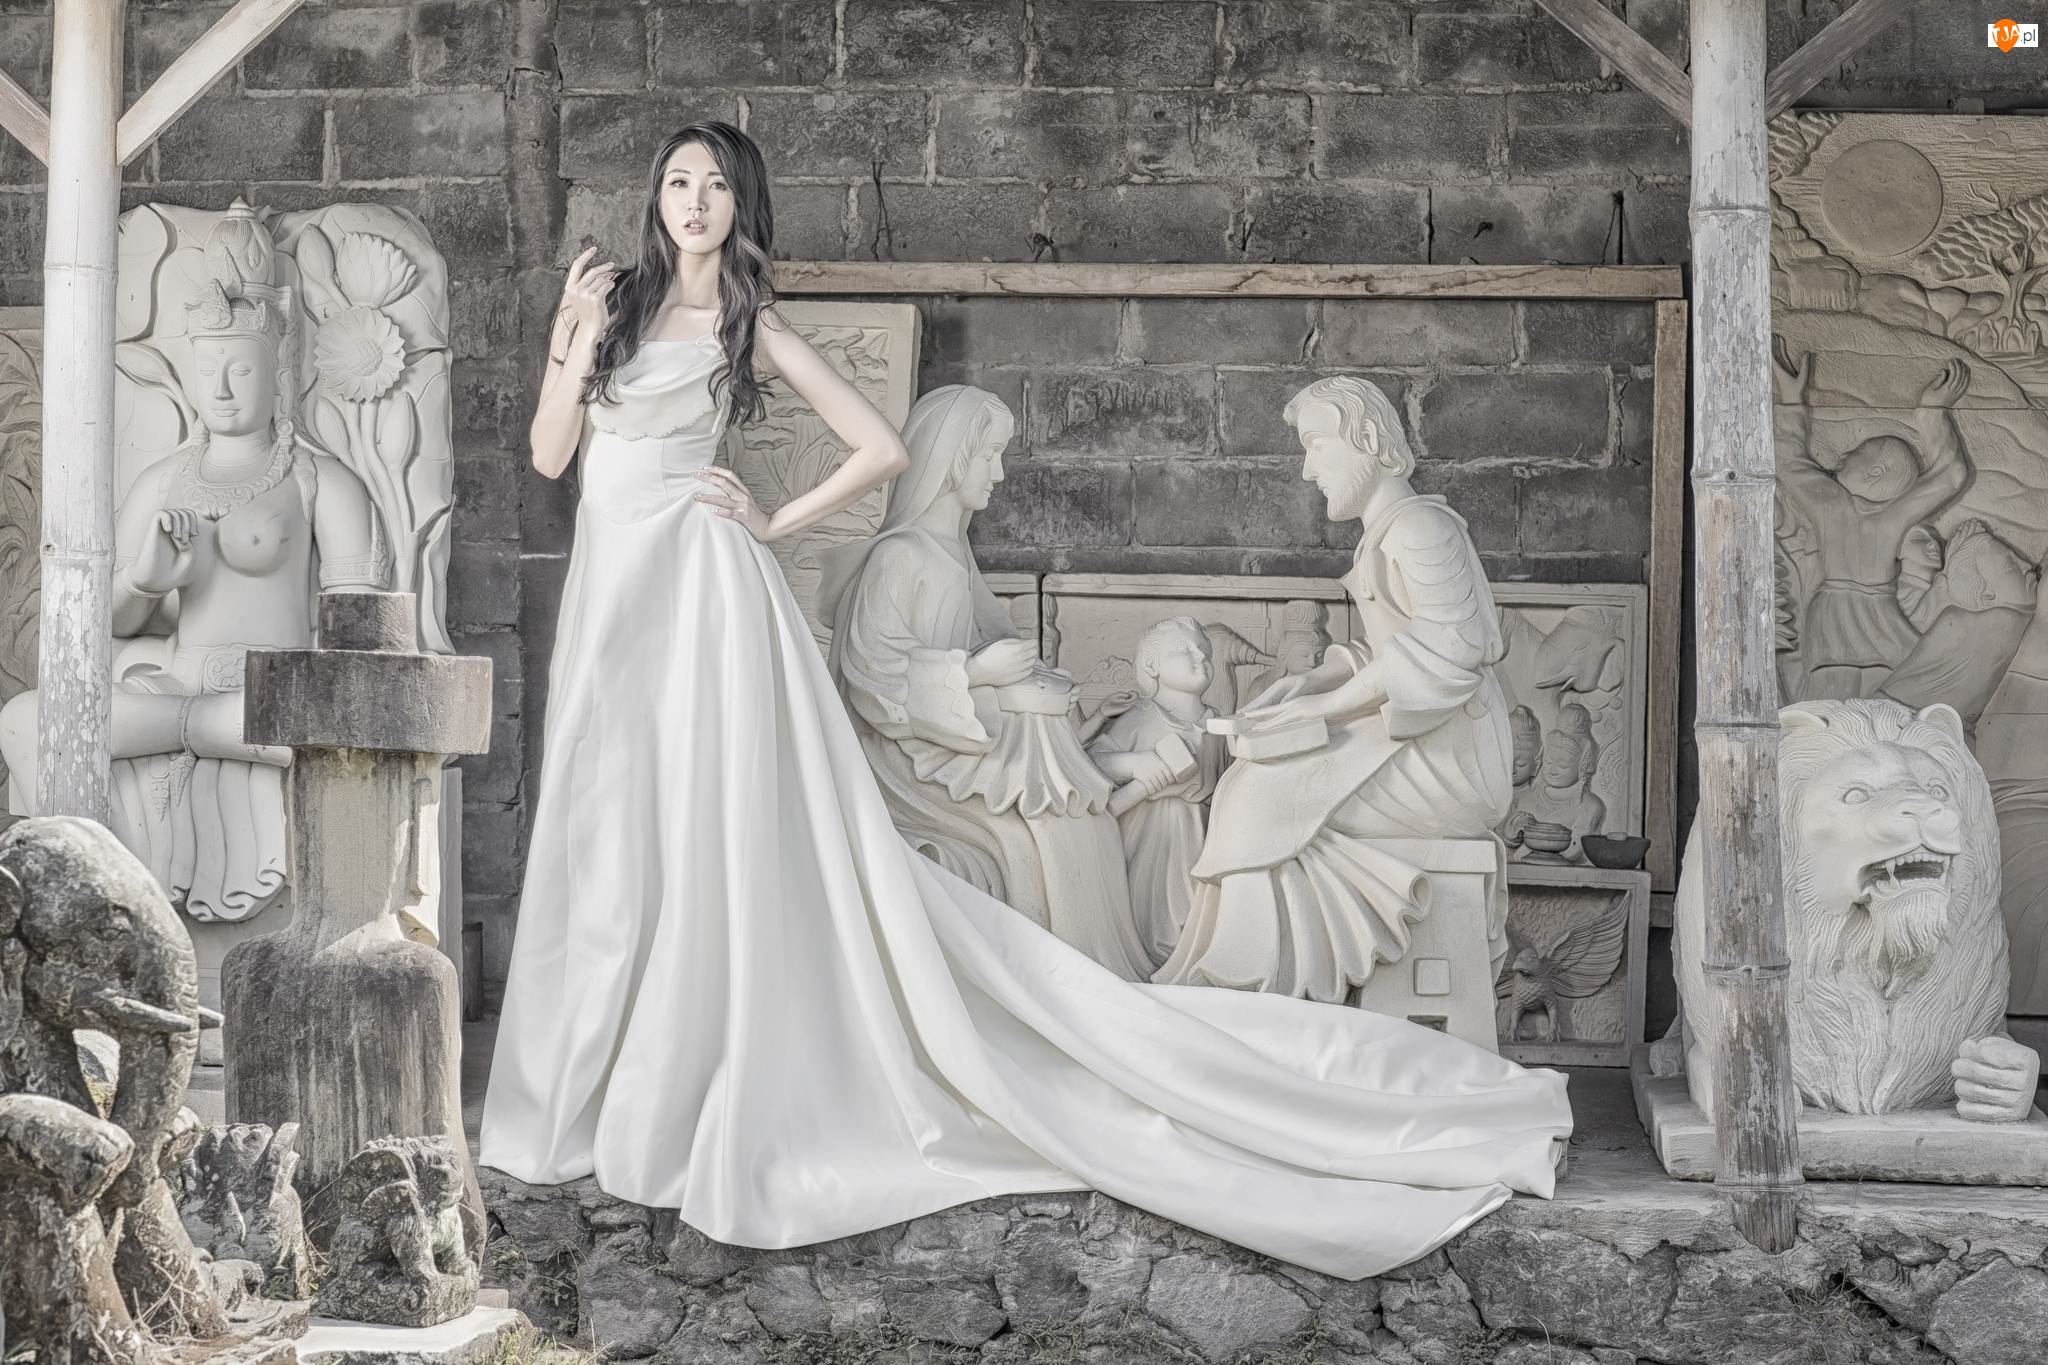 Długa, Biała, Kobieta, Rzeźby, Suknia, Azjatka